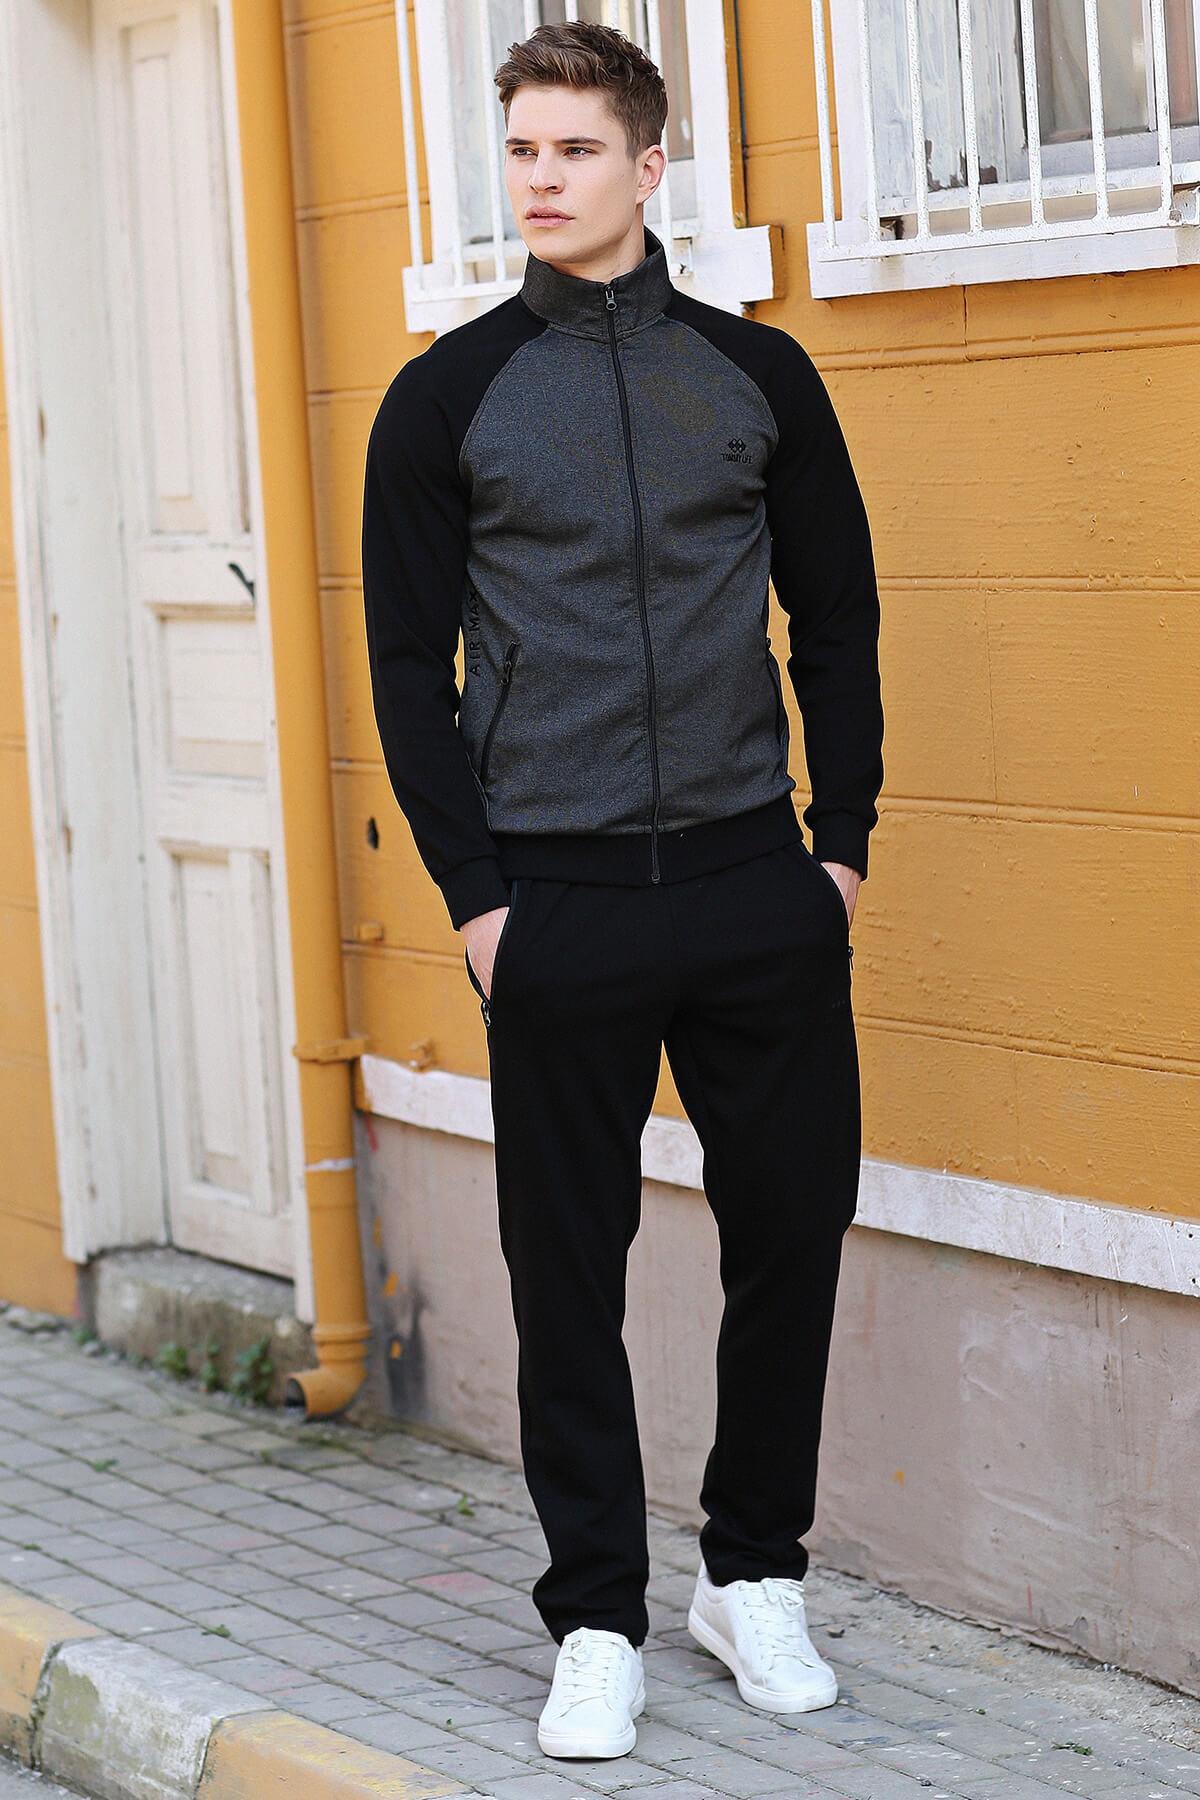 Men's Zipped Black Sweat Suit